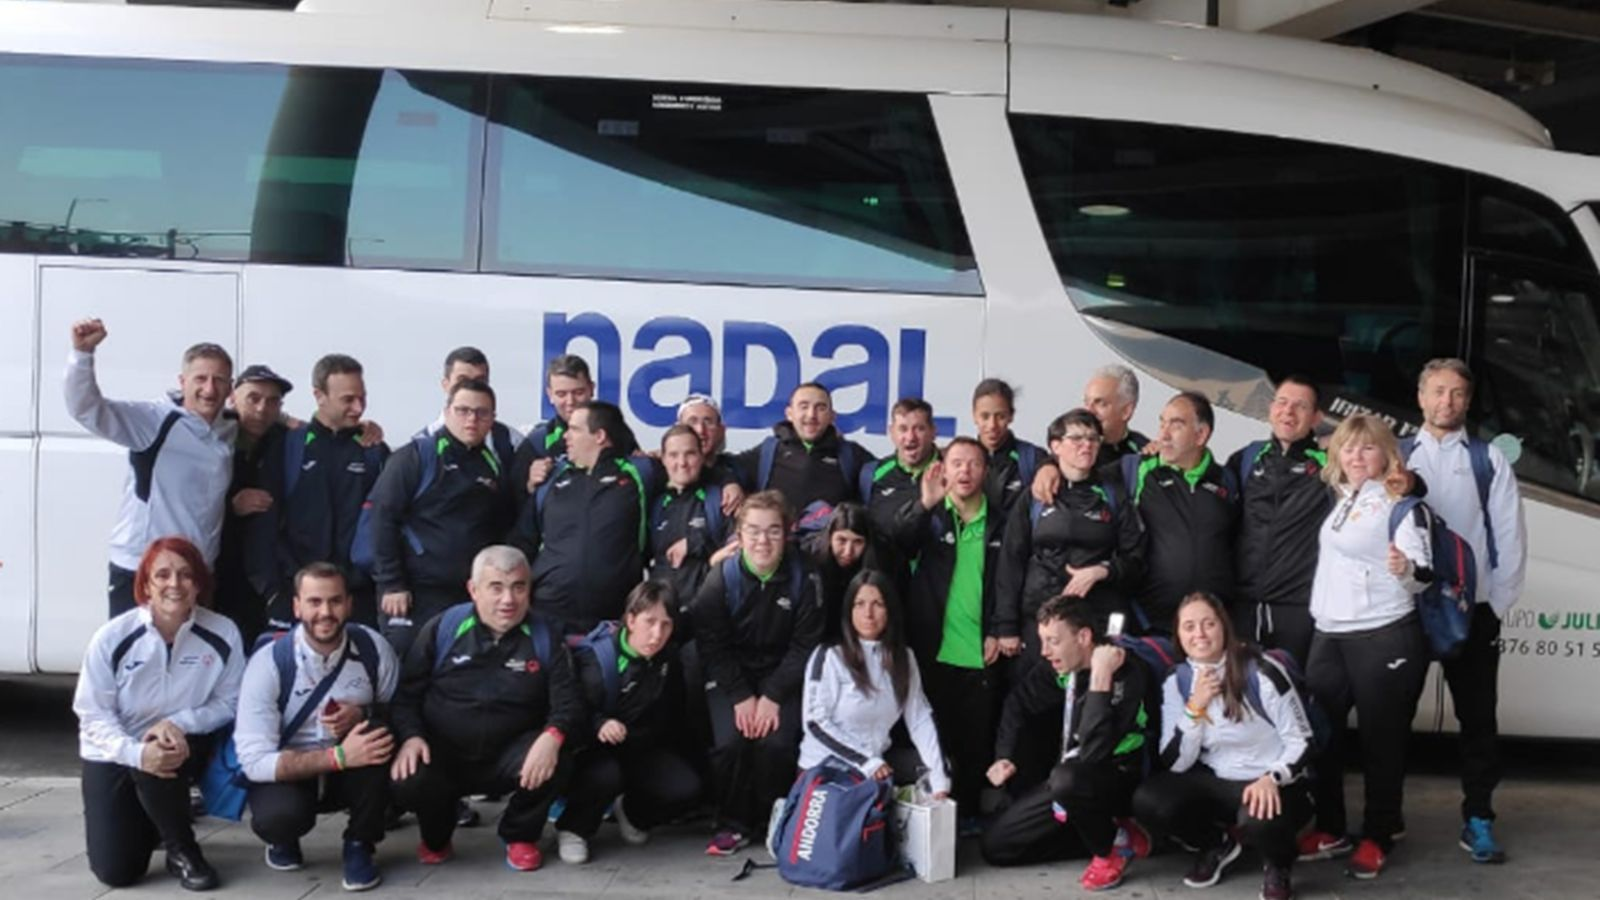 La delegació andorrana torna al Principat després dels Special Olympics. / S. O.